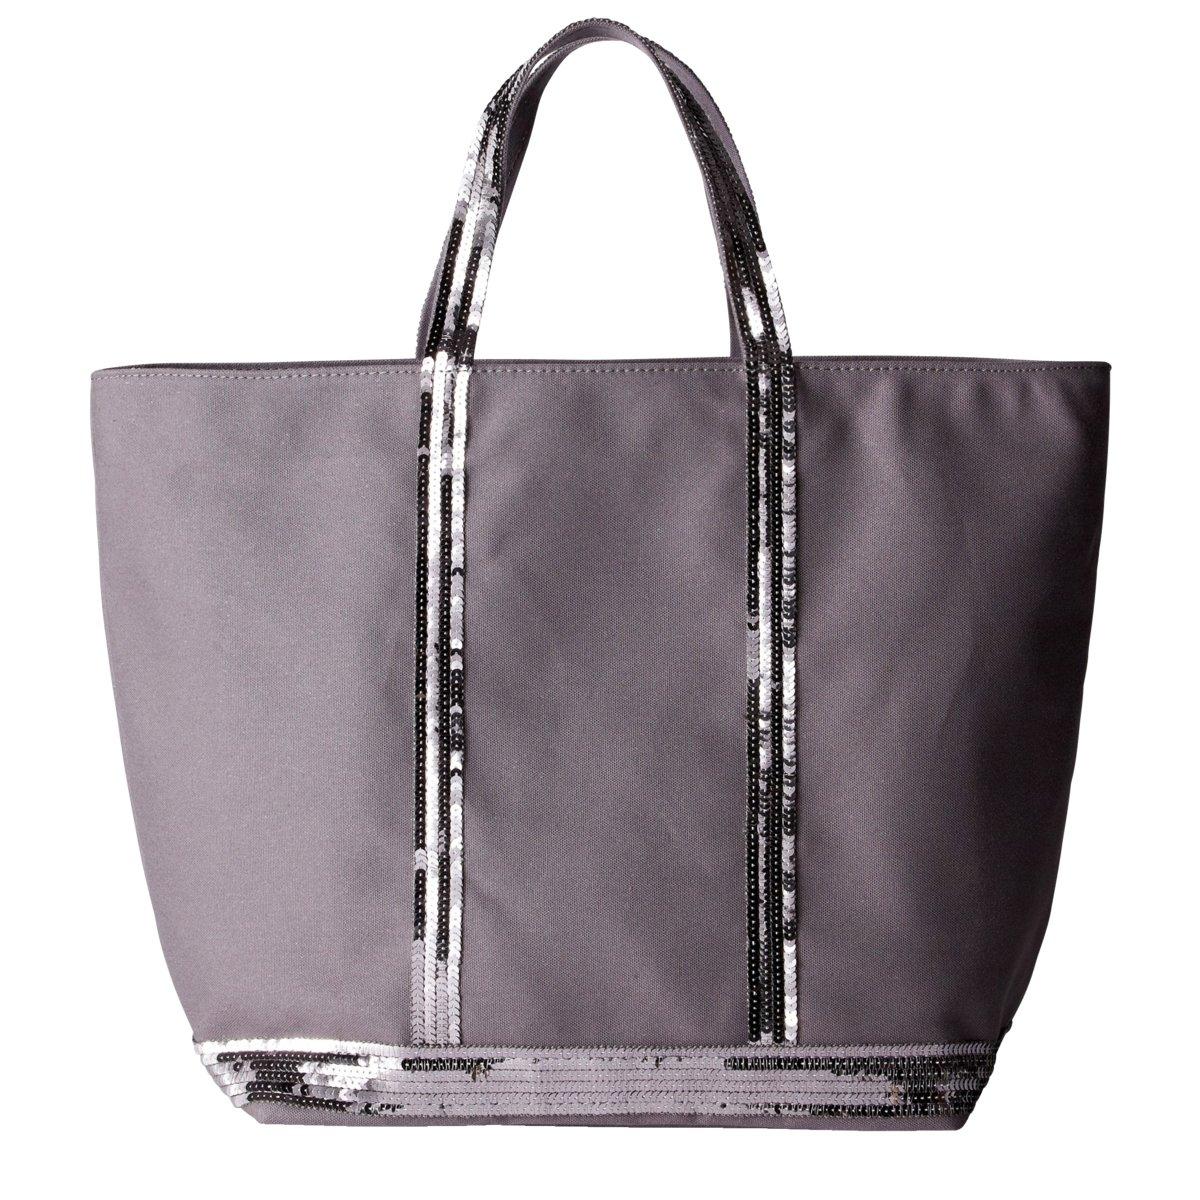 Сумка-шоппер средняя из парусины с блесткамиСредняя сумка-шоппер из парусины с блестками ATHE VANESSA BRUNO. 100% хлопок. Ручки с блестками. Внутреннй карман на молнии. Размеры : 48 x 16,5 x 32,5 см<br><br>Цвет: антрацит,индиго,темно-синий,черный